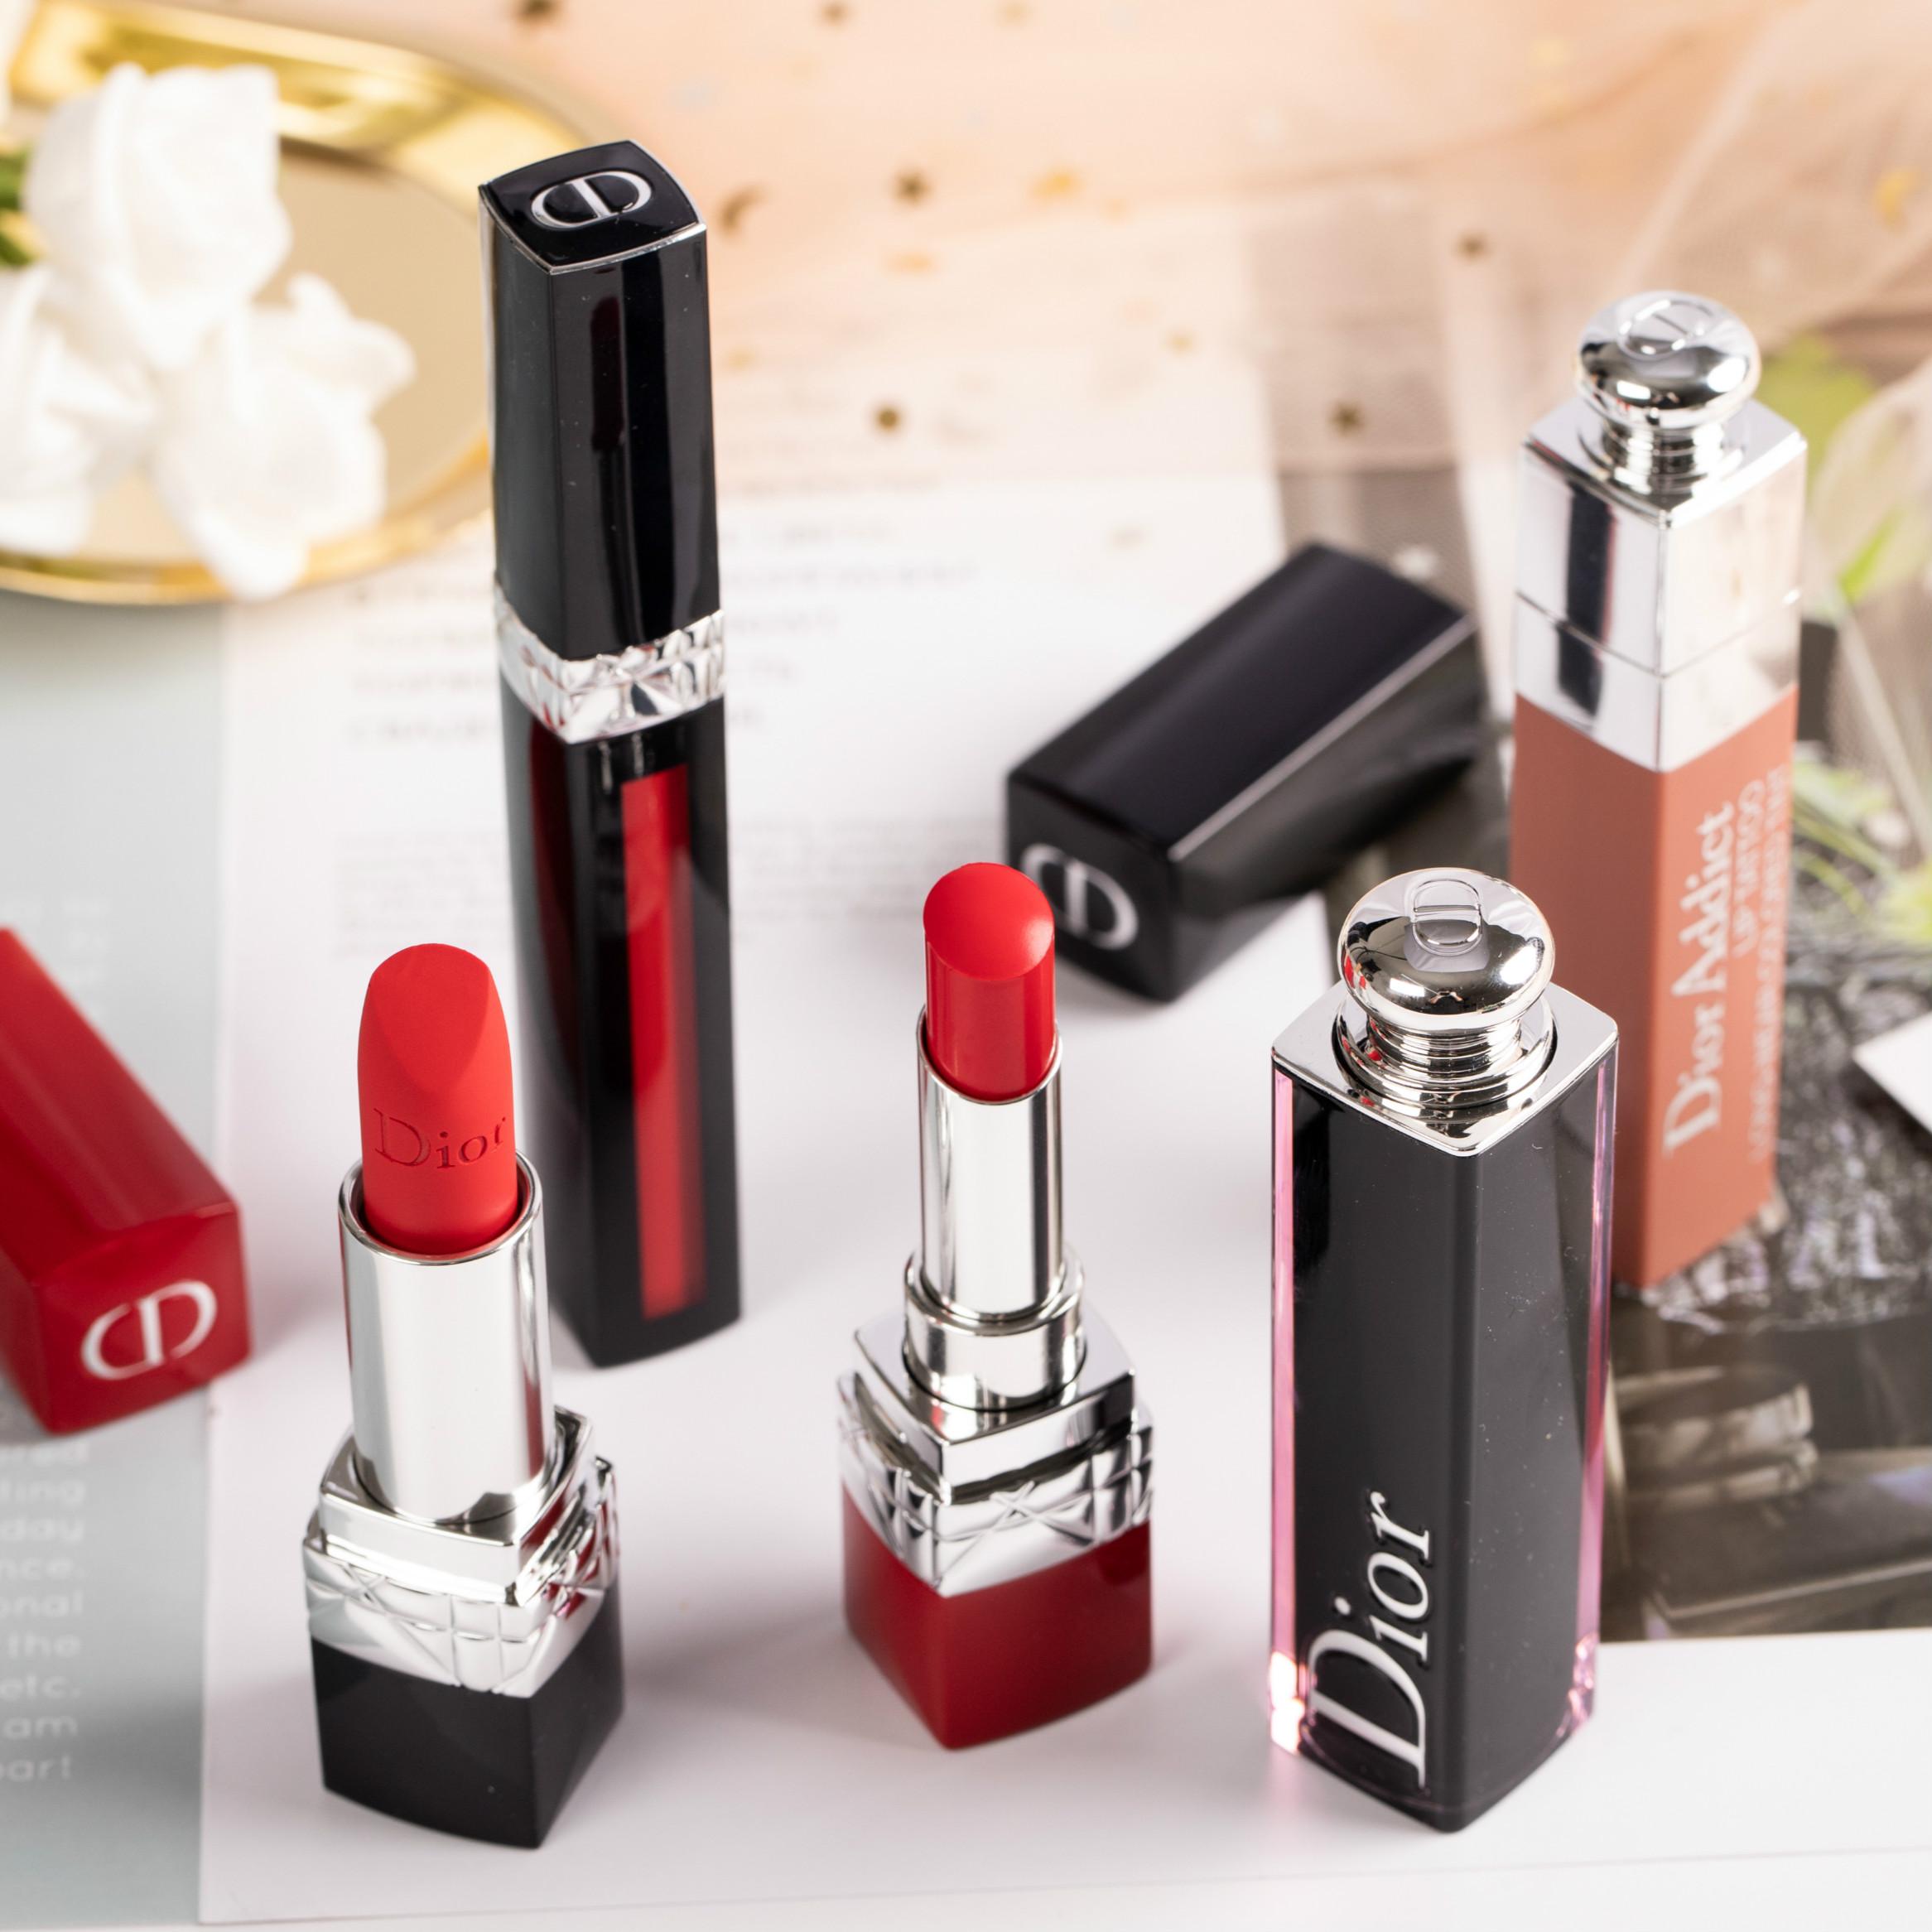 """❦""""🔥จัดส่งที่รวดเร็ว🔥ดินสอเขียนคิ้ว Dior Dior Lipstick 999 Matte 888 Classic 520 Moisturizing 772 Big Brand Genuine Lim"""